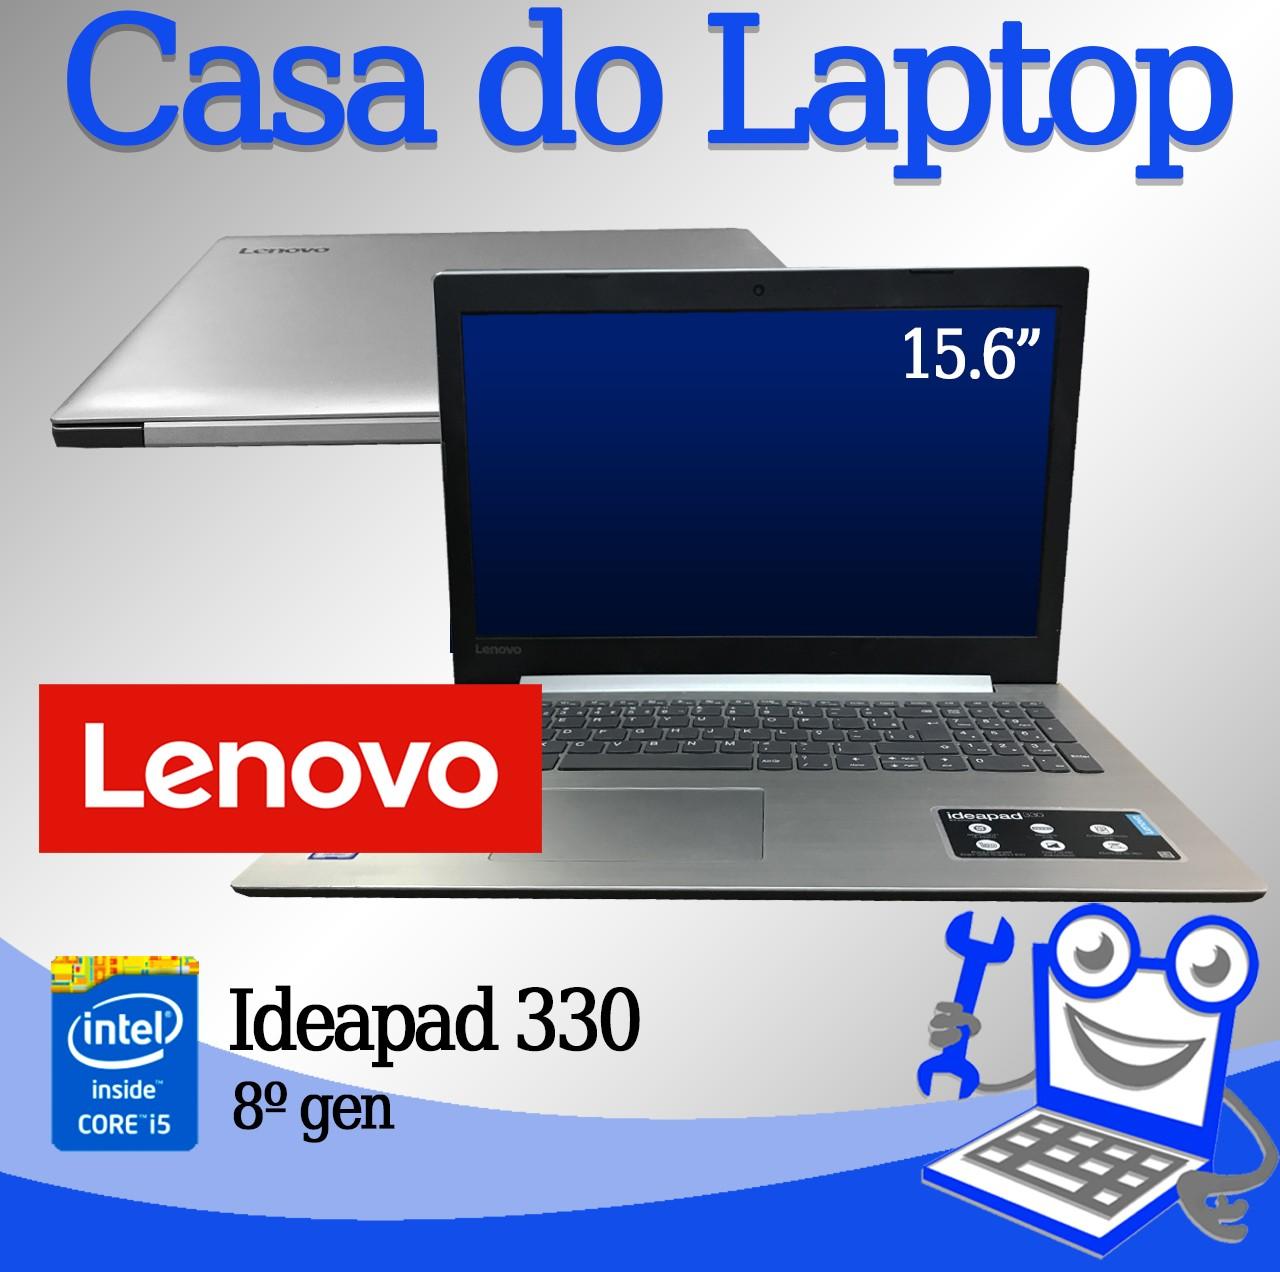 Laptop Lenovo Ideapad 330 Intel i5 8a Geração 8GB de memória RAM e120GB de SSD